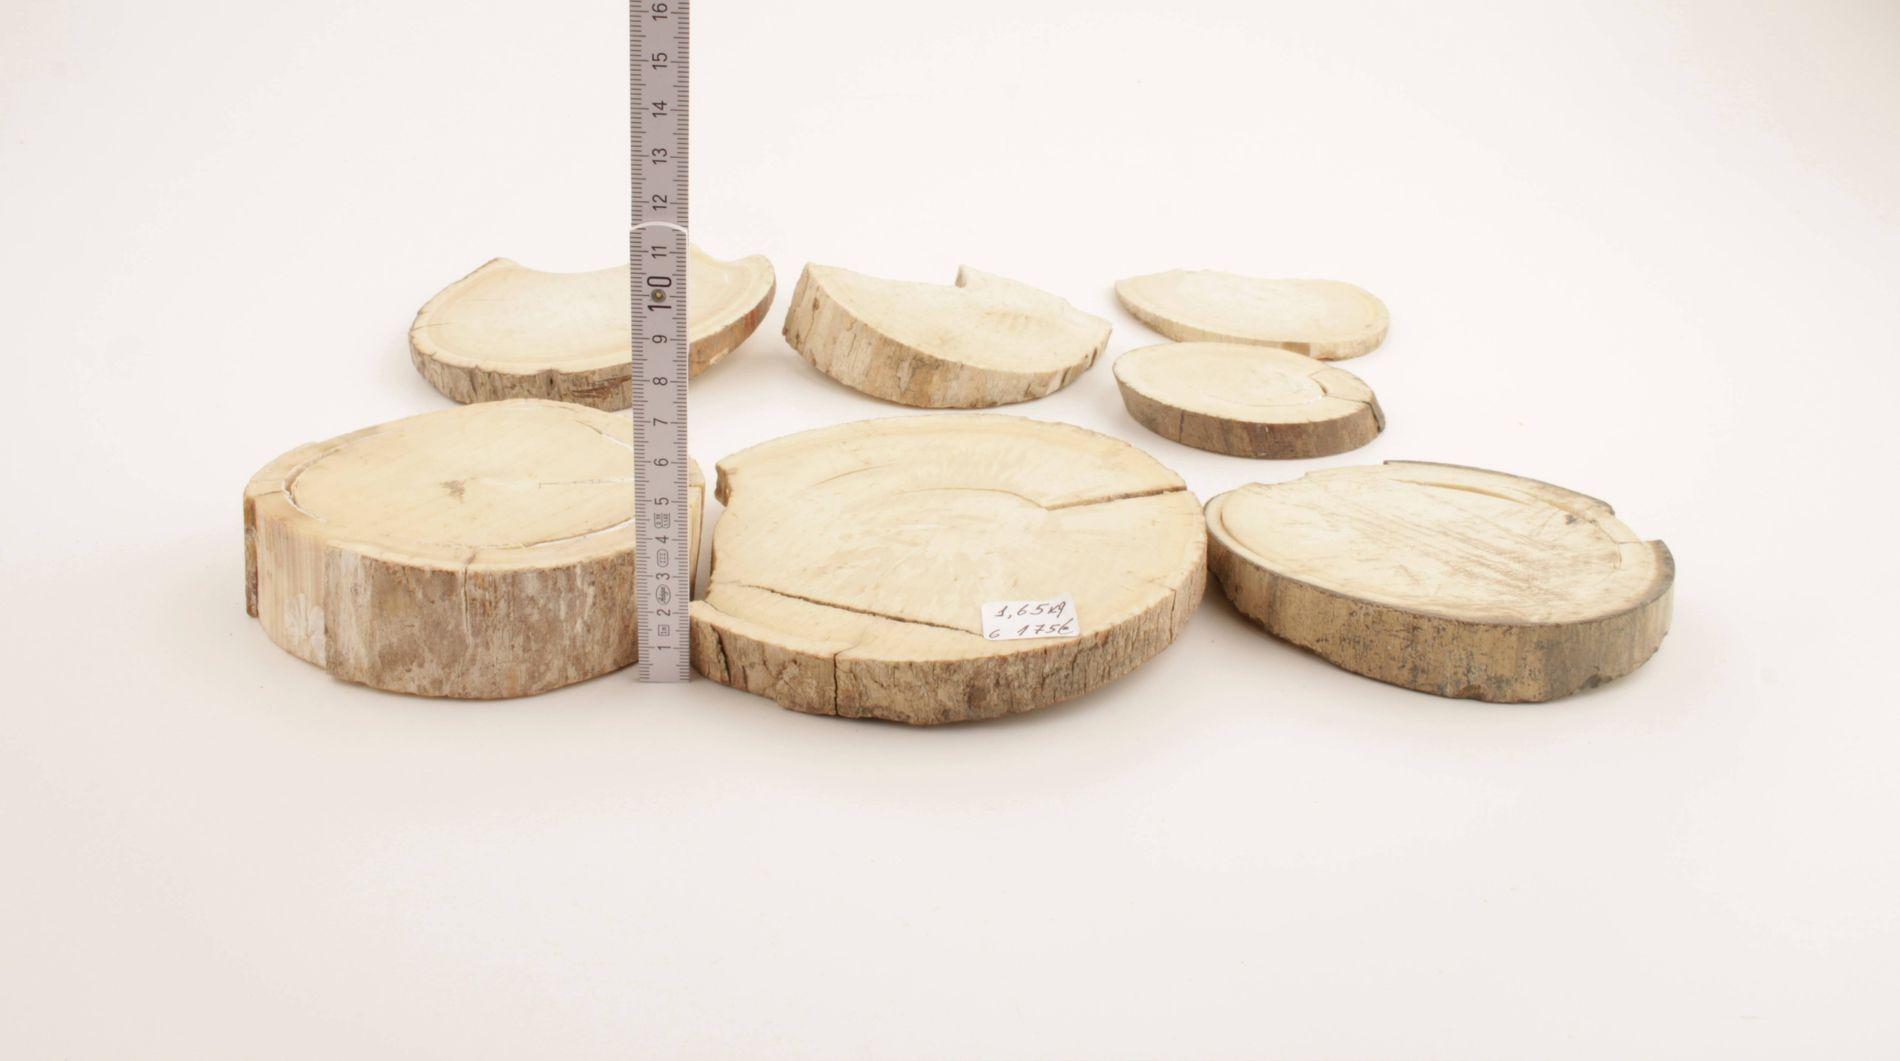 Round mammoth tusk pieces